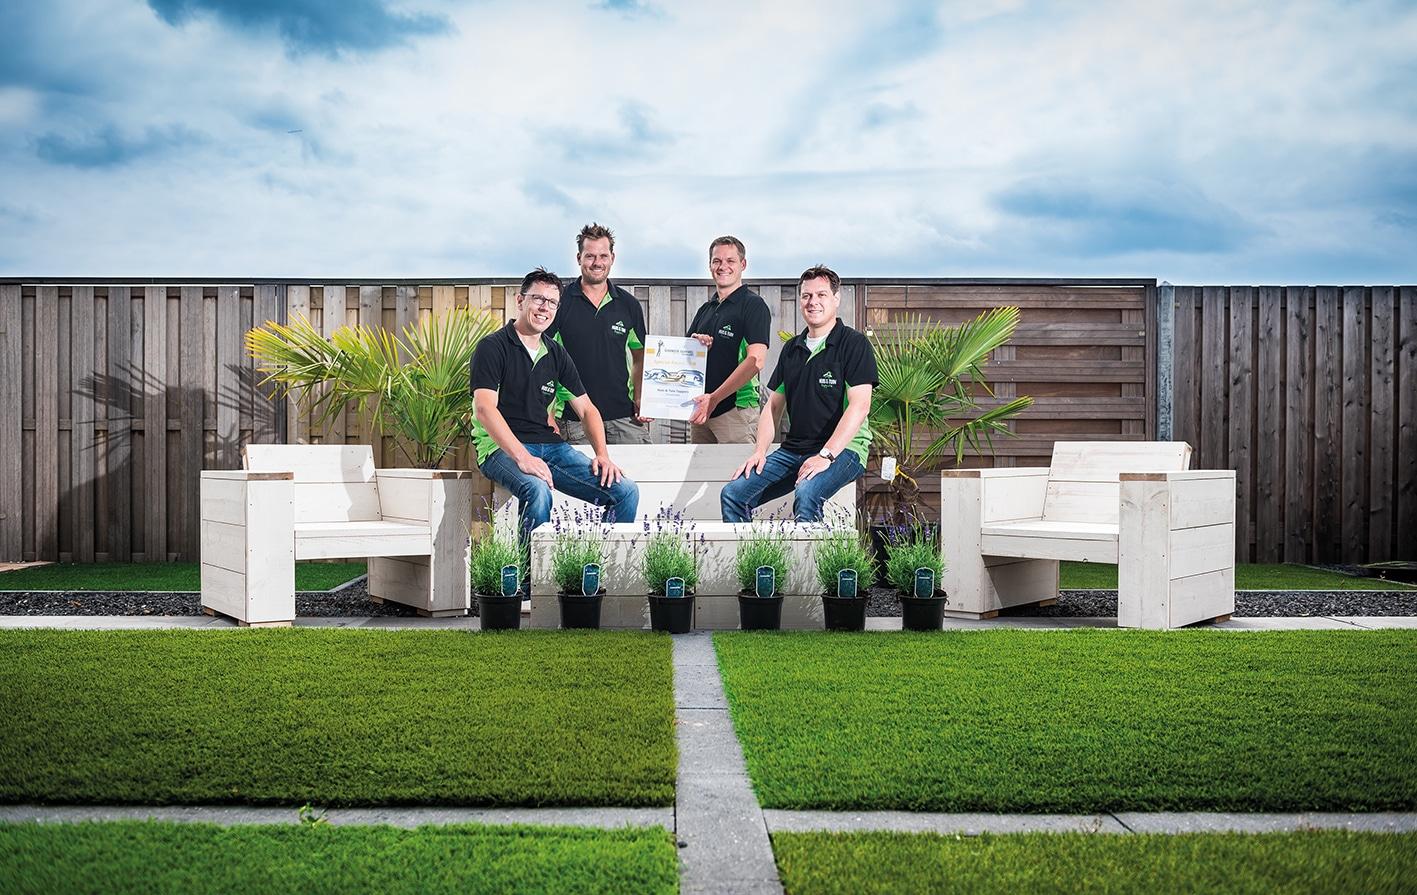 Huis tuin toppers is een schoolvoorbeeld van online for Huis in tuin